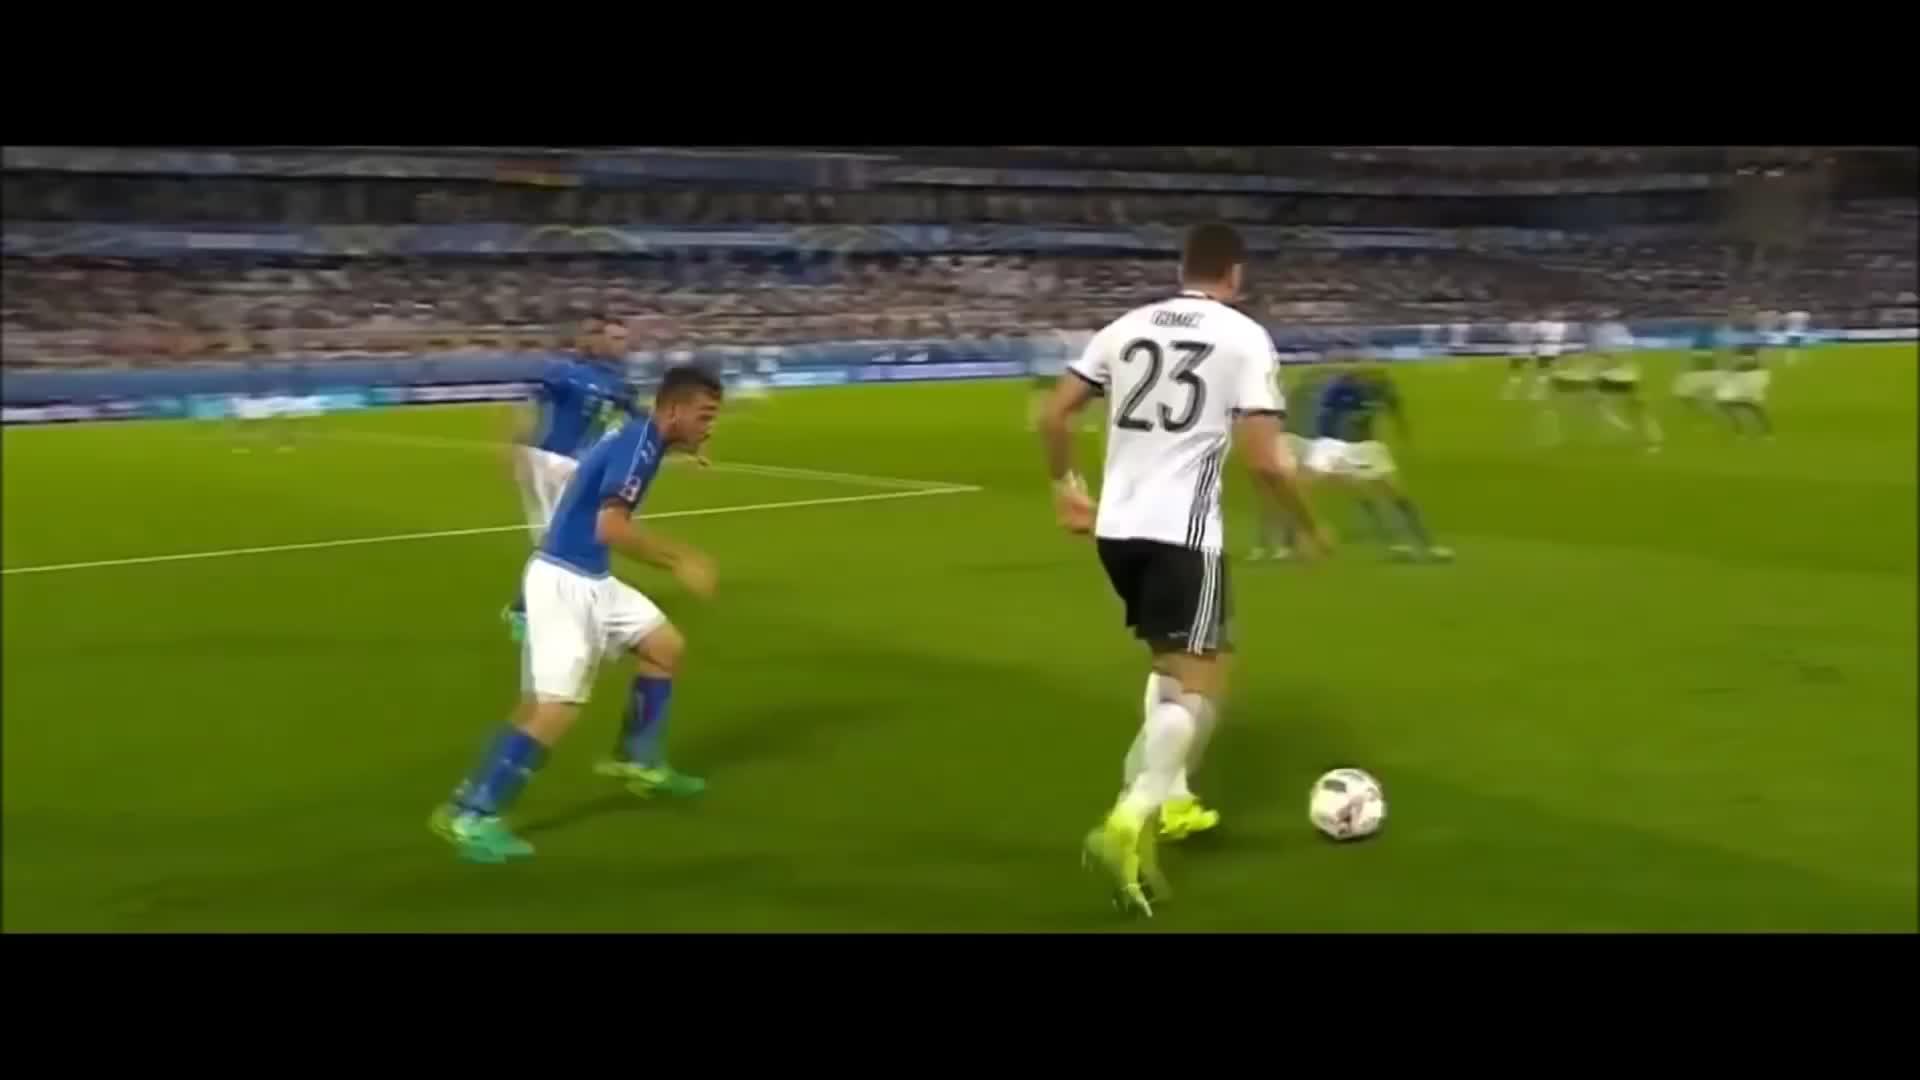 Boateng, Boateng Elfmeter, Deutschland, EM 2016, Elfmeterschießen, Germany, Highlights, Italia, Italien, Penalty Shootout, Ozil Italy GIFs